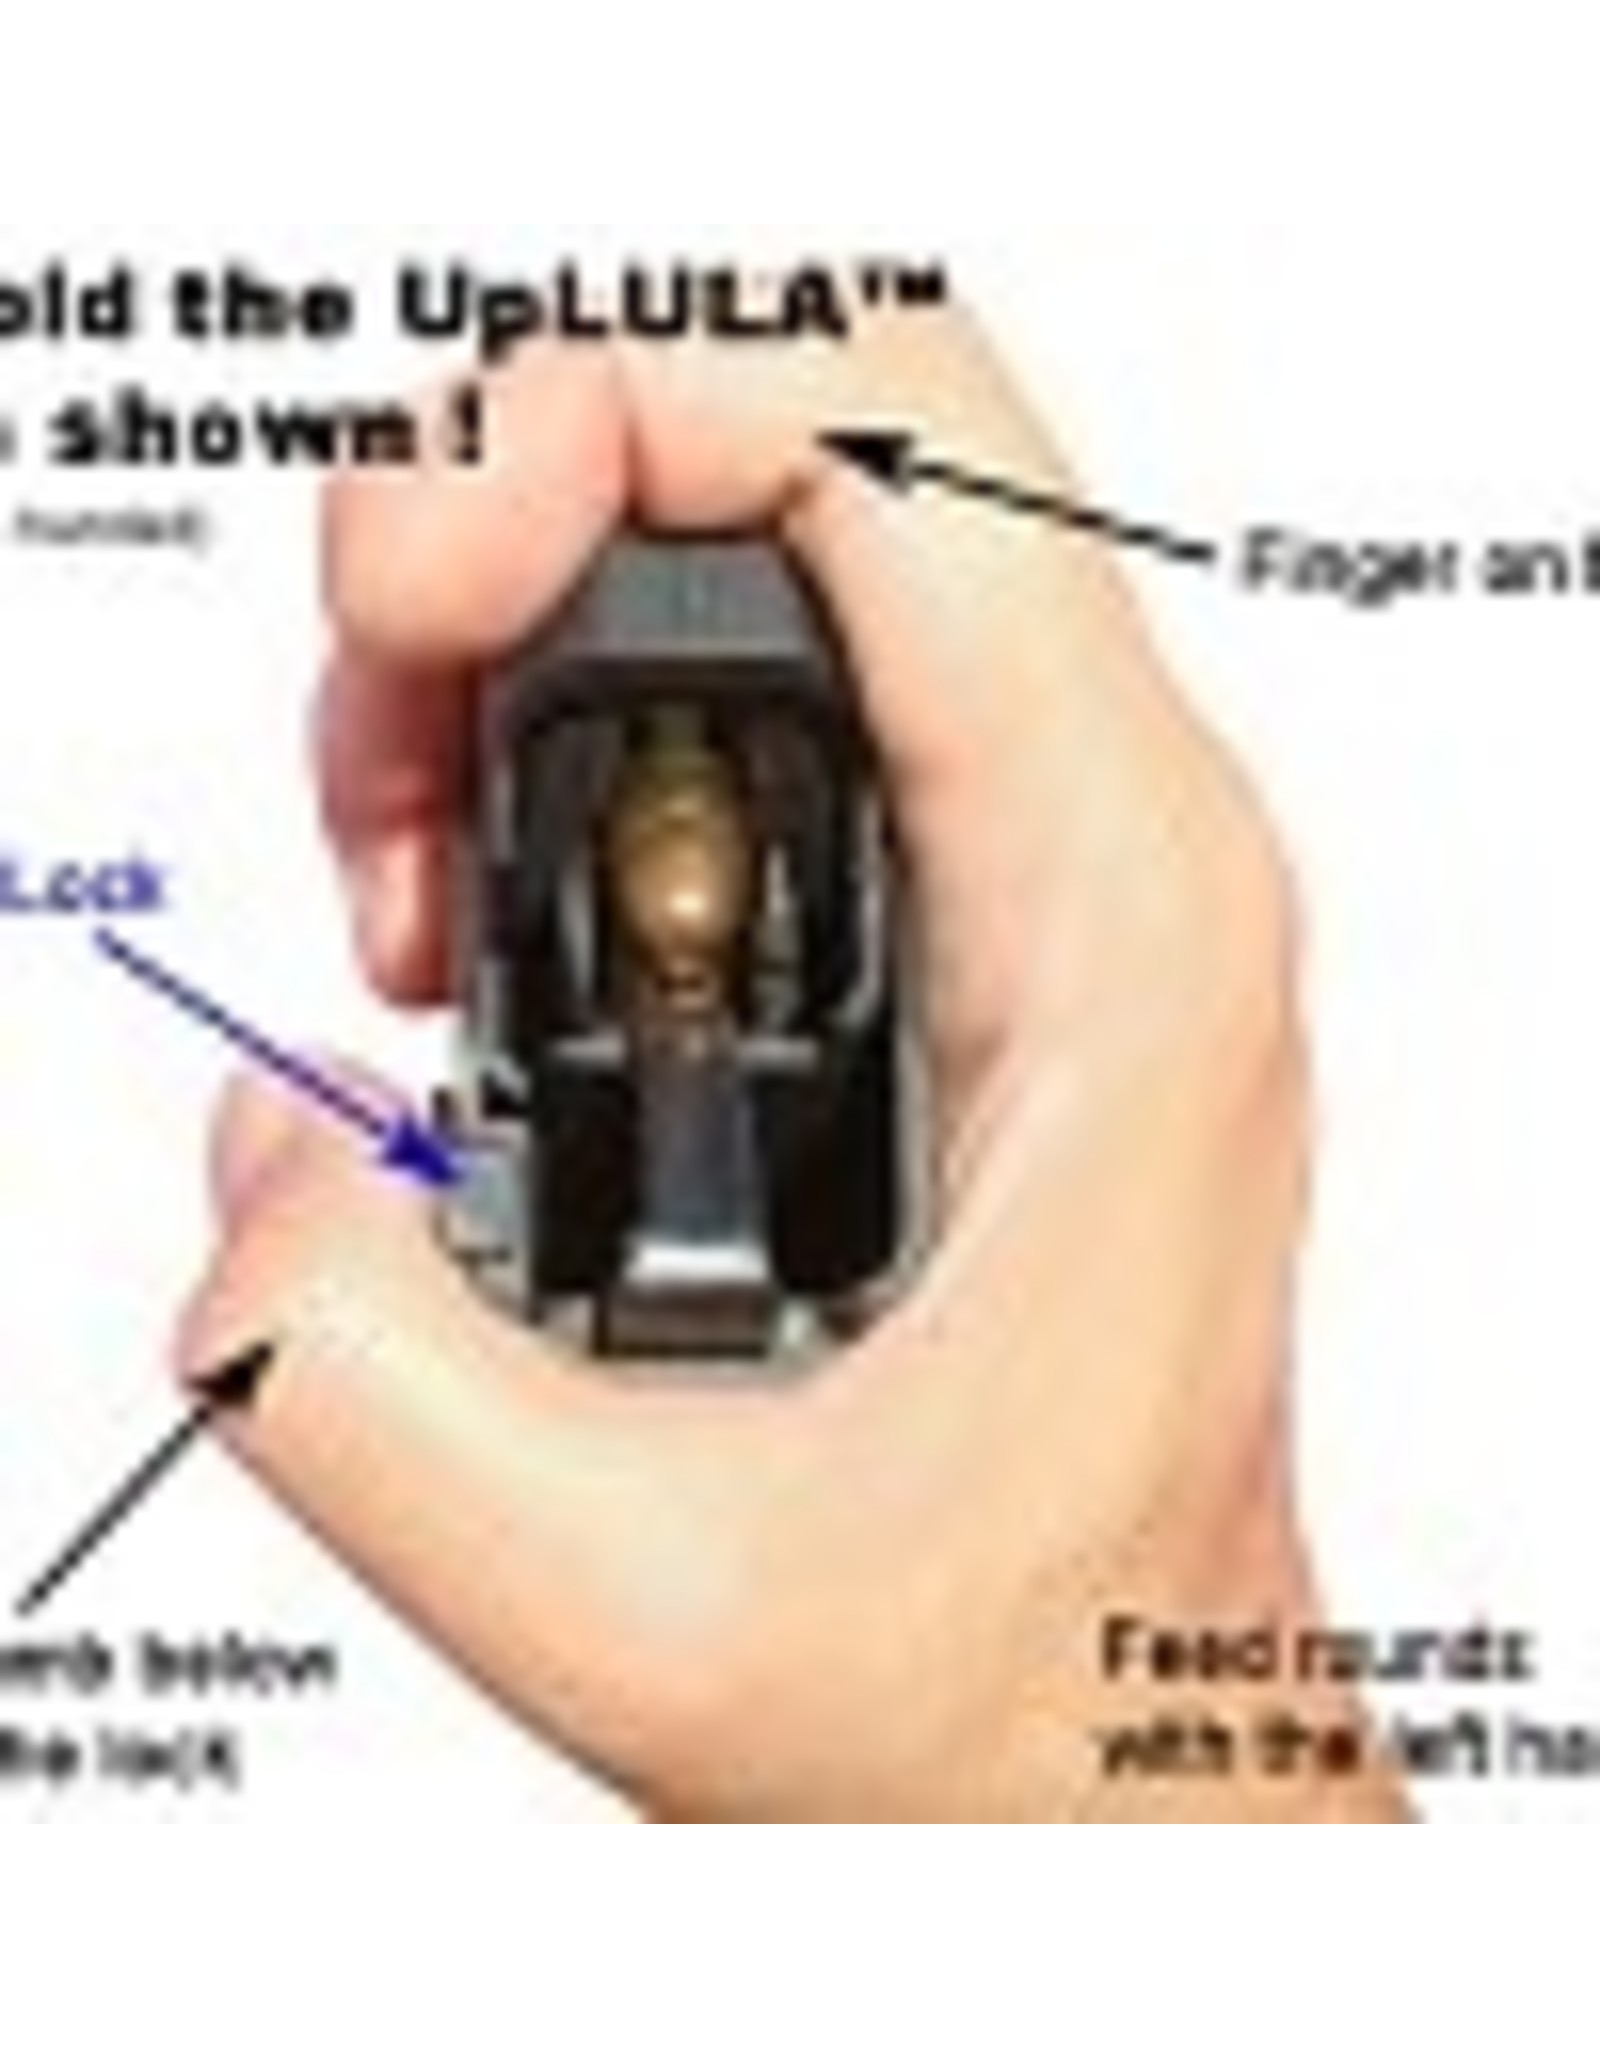 MagLula Maglula UpLULA Universal Pistol Mag Load/unload 9MM/45 Black